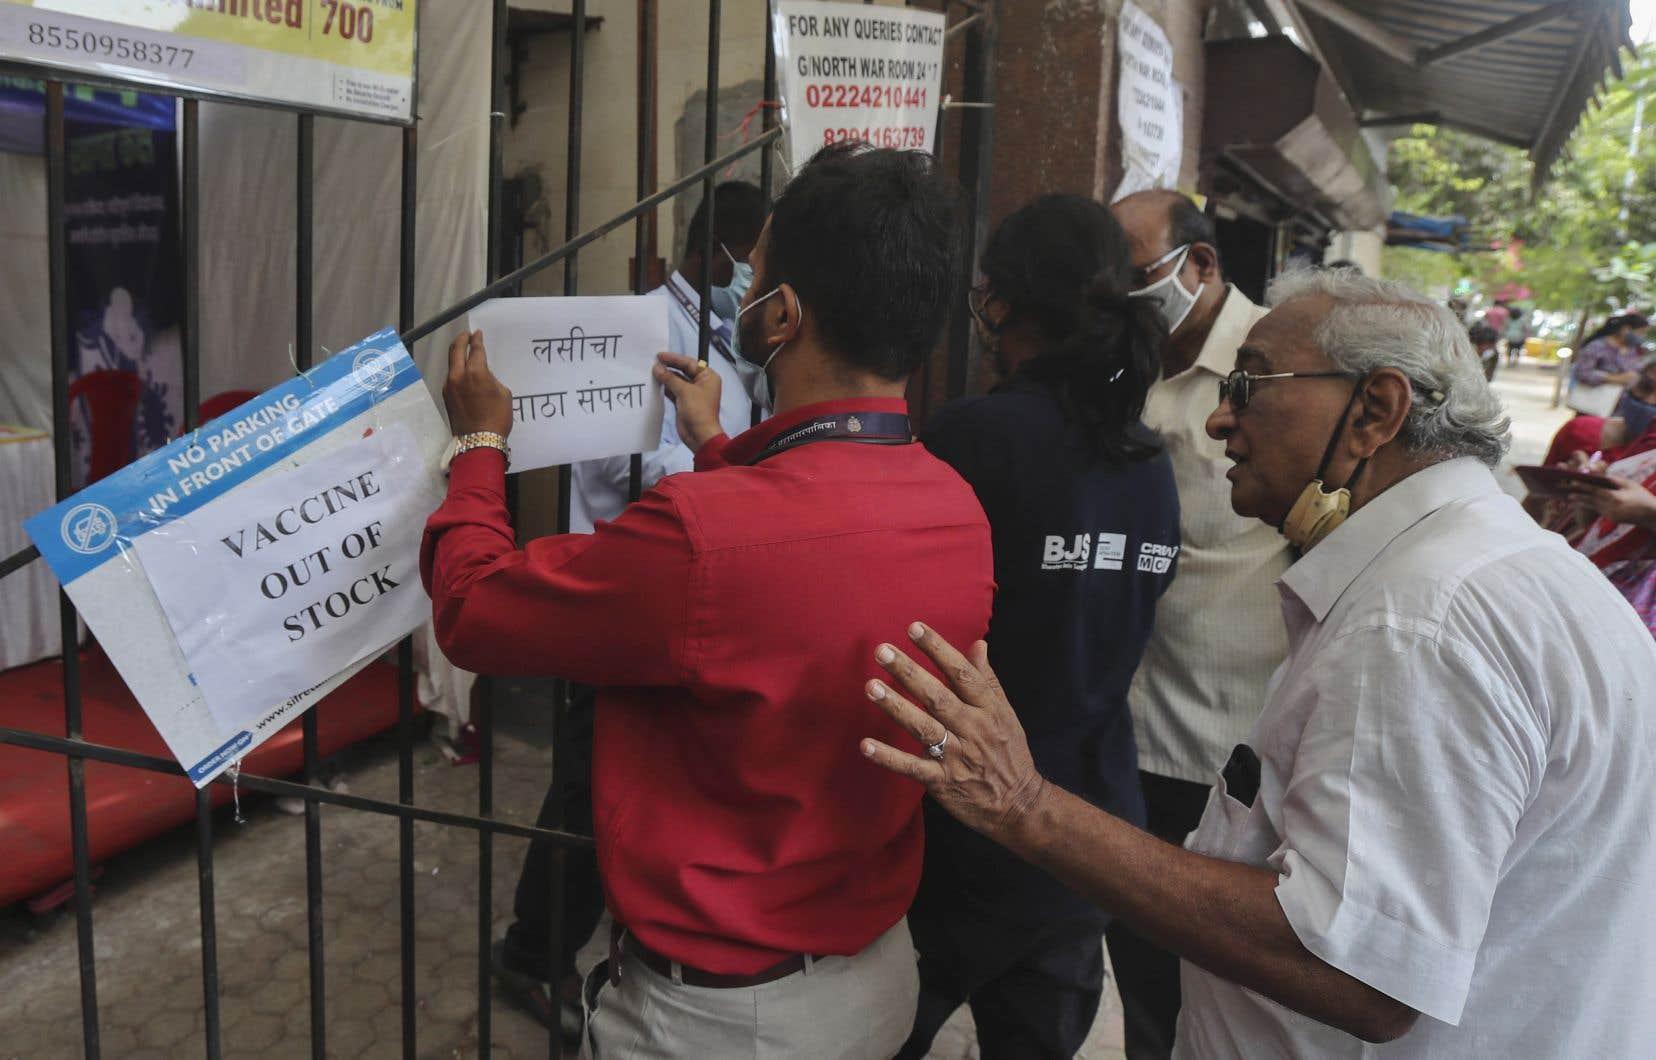 Un travailleur de la santé affiche un avis sur la pénurie de vaccins contre le coronavirus (COVID-19) devant un centre de vaccination à Mumbai, en Inde, le jeudi 8 avril 2021.